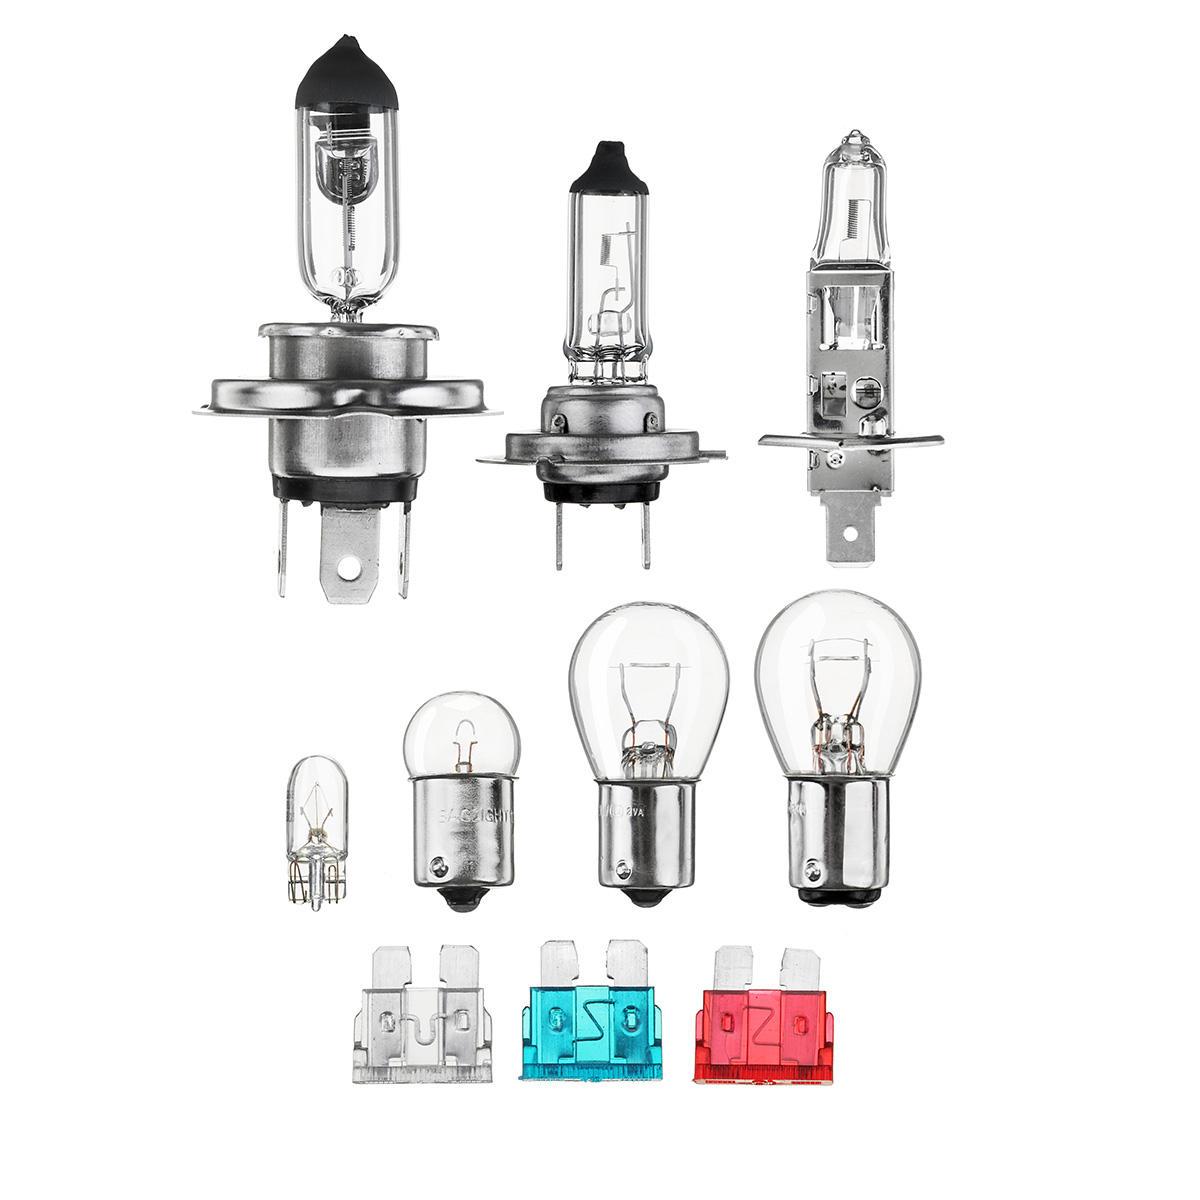 10pcs h4 h7 h1 1156 1157 g18 car fuse replacement light